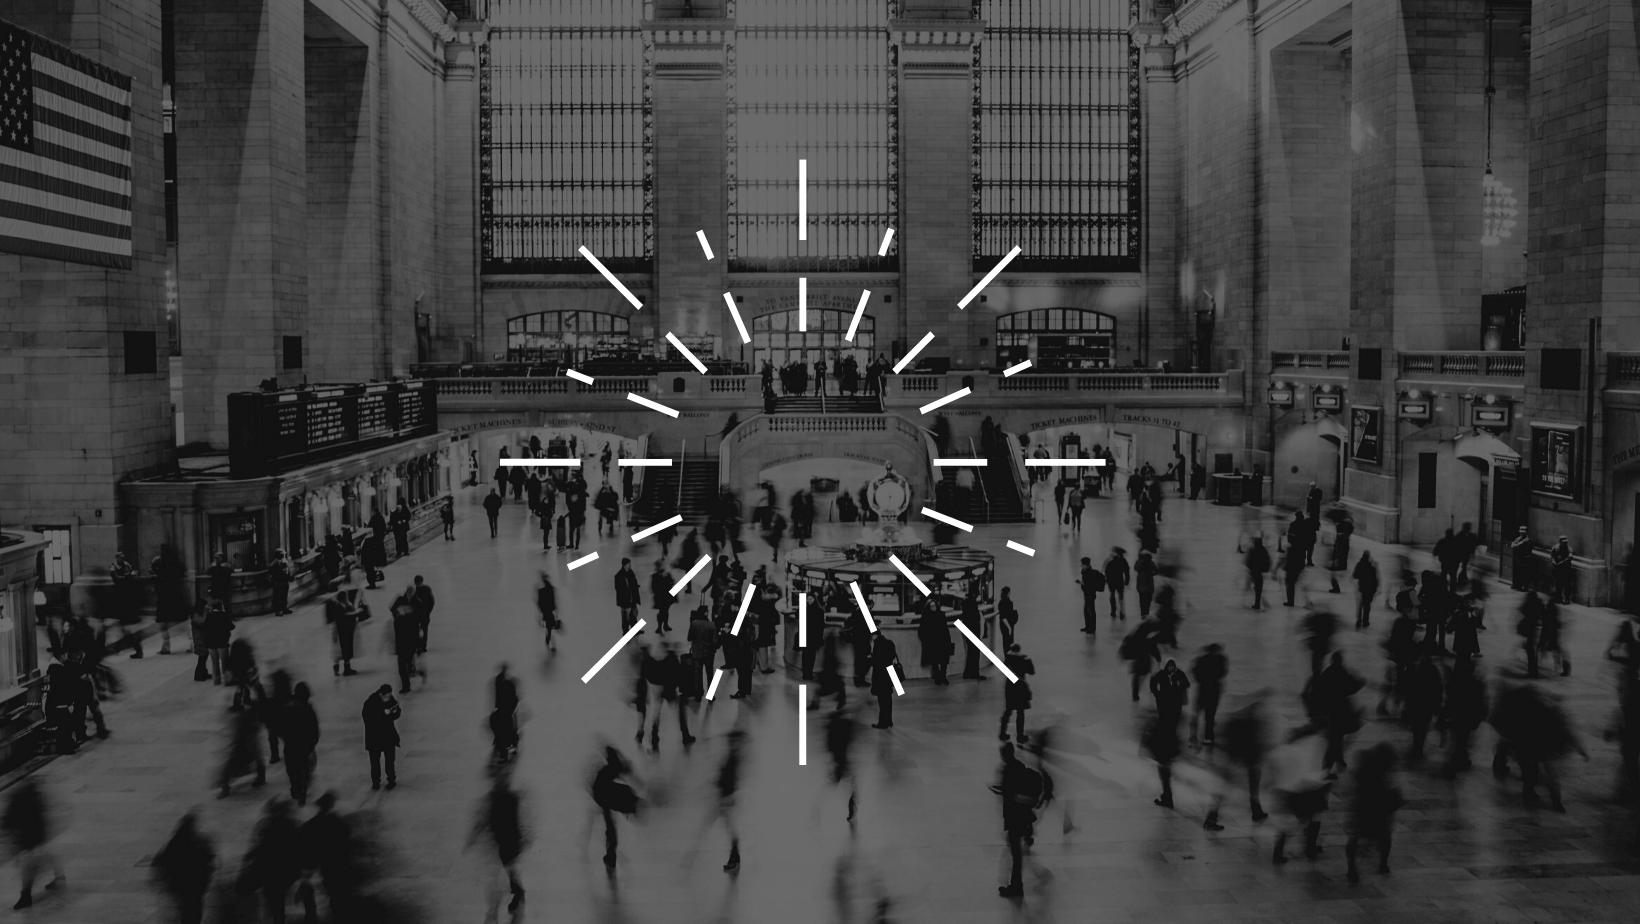 Große Bahnhofshalle mit vielen Menschen symbolisiert räumliches Hören mit Richtmikrofon